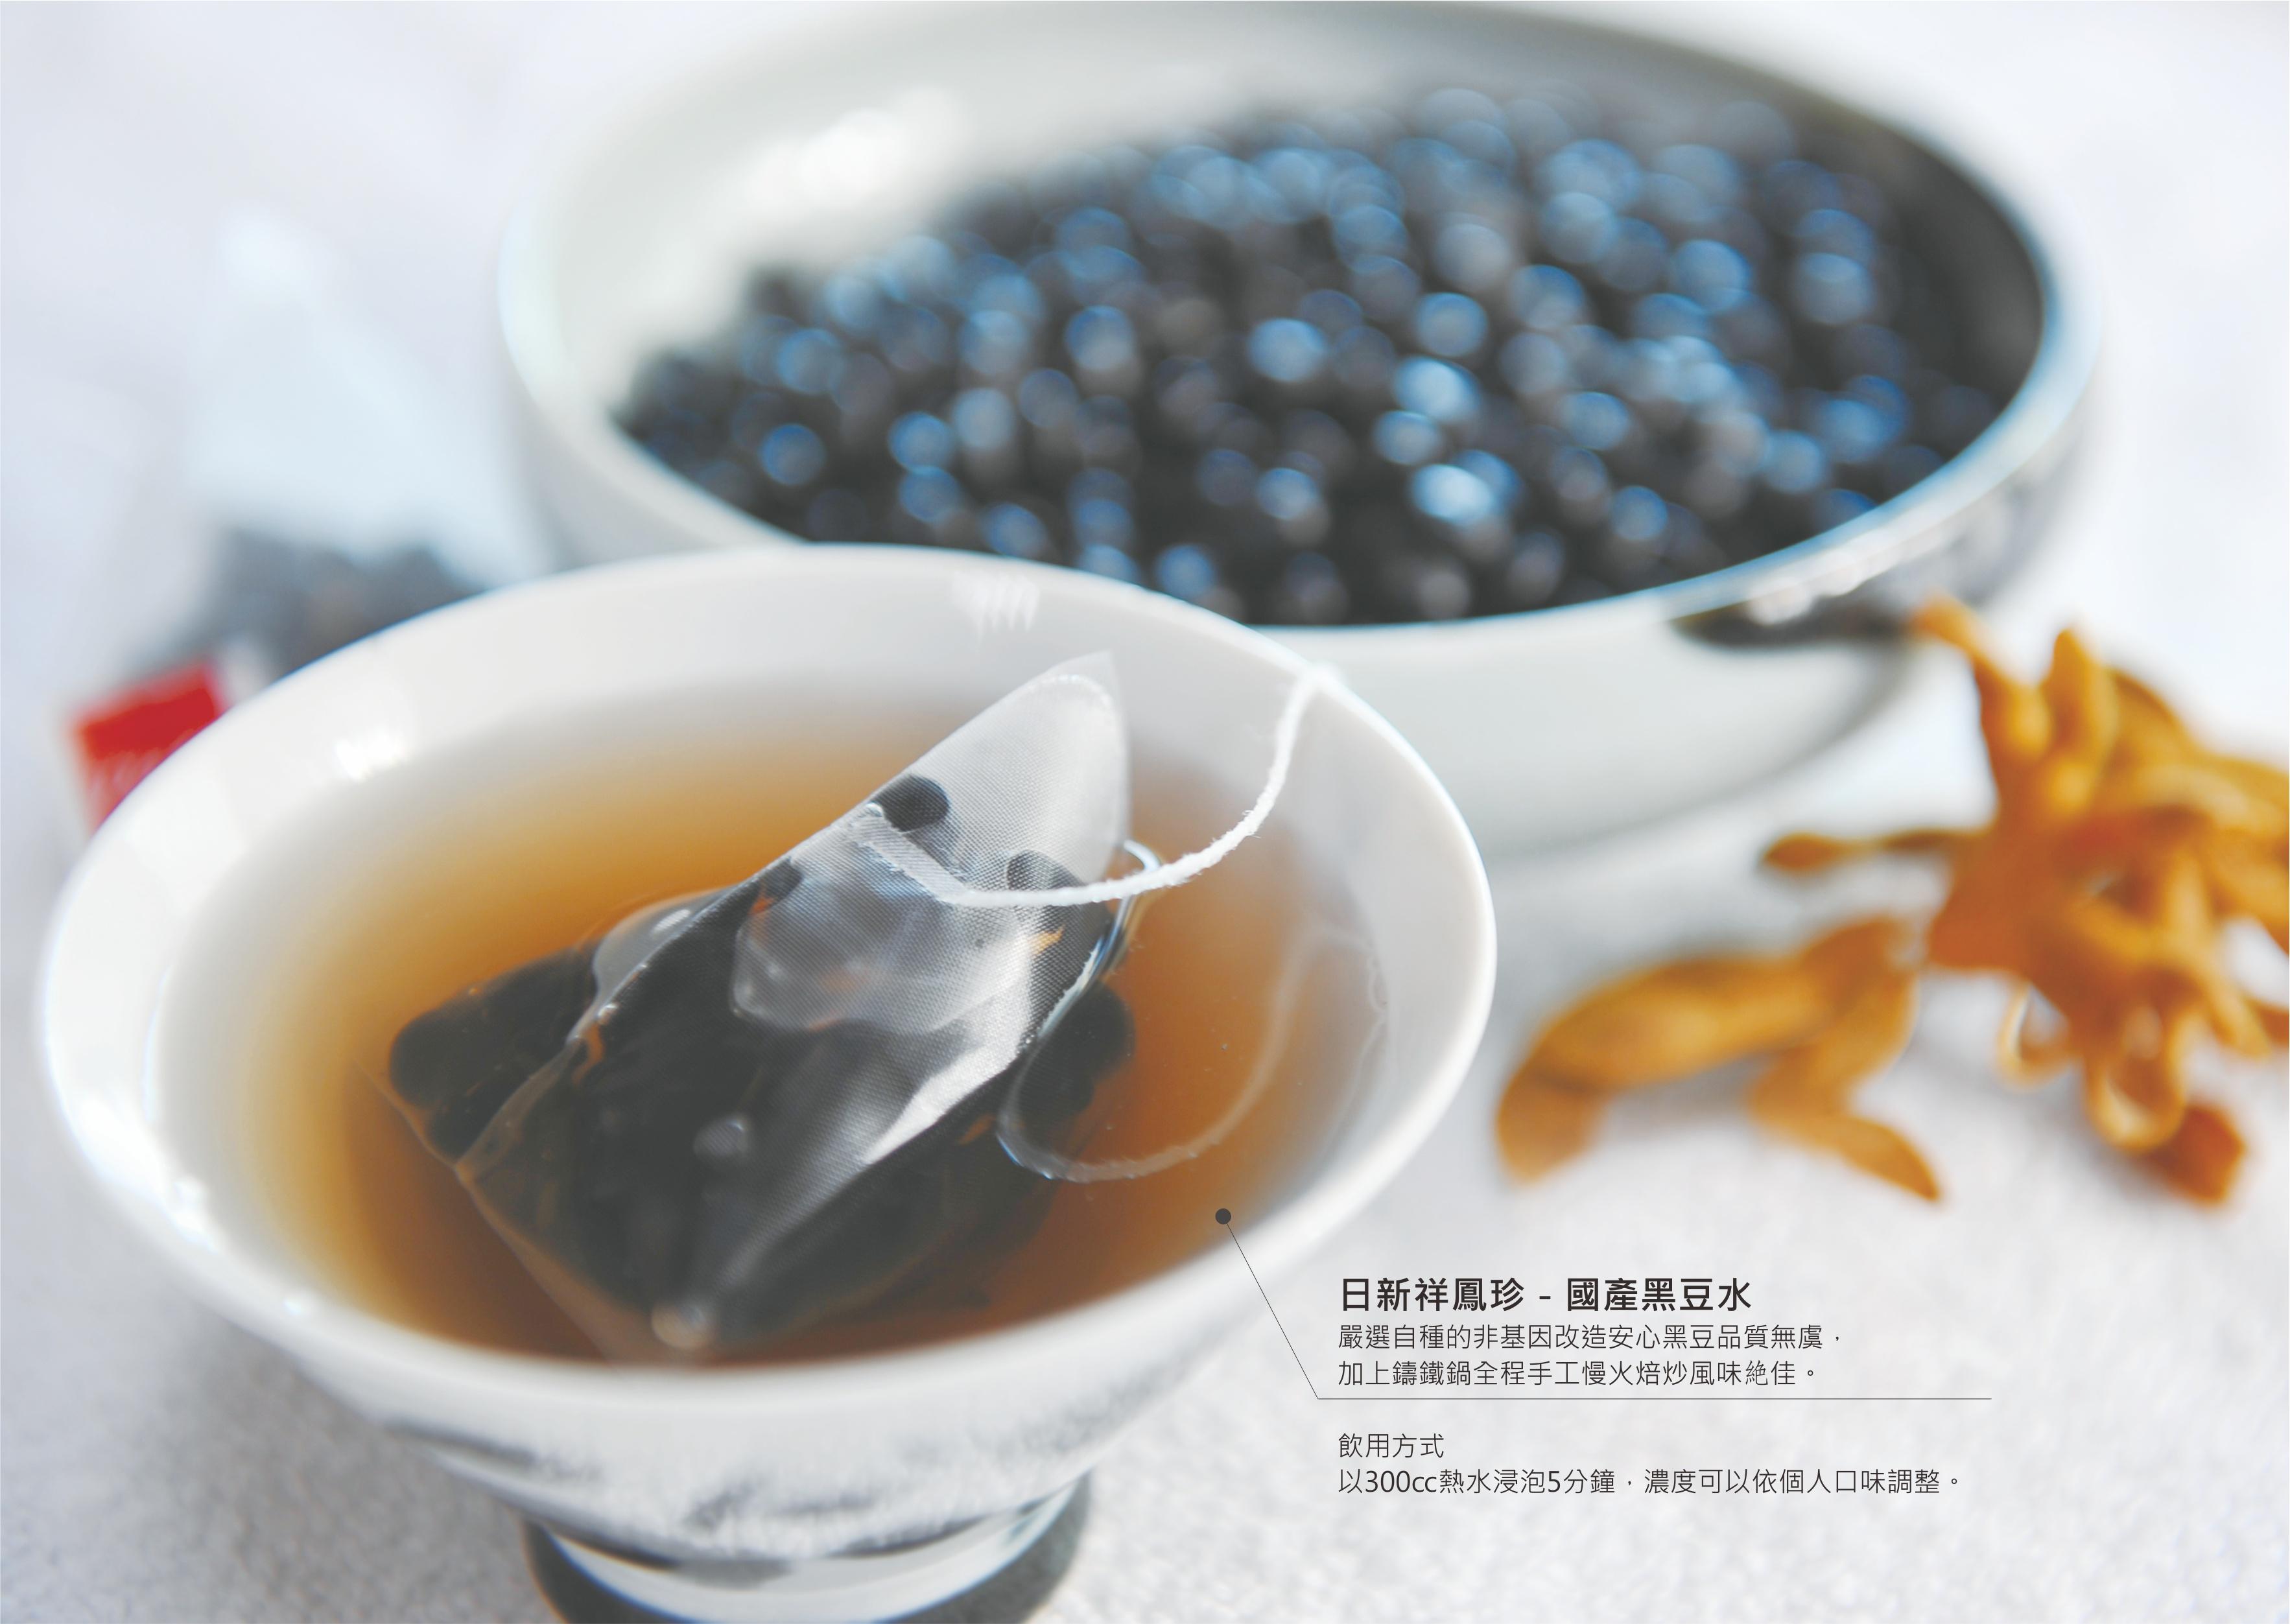 |日新|祥鳳珍_國產黑豆水茶包1入(散裝)